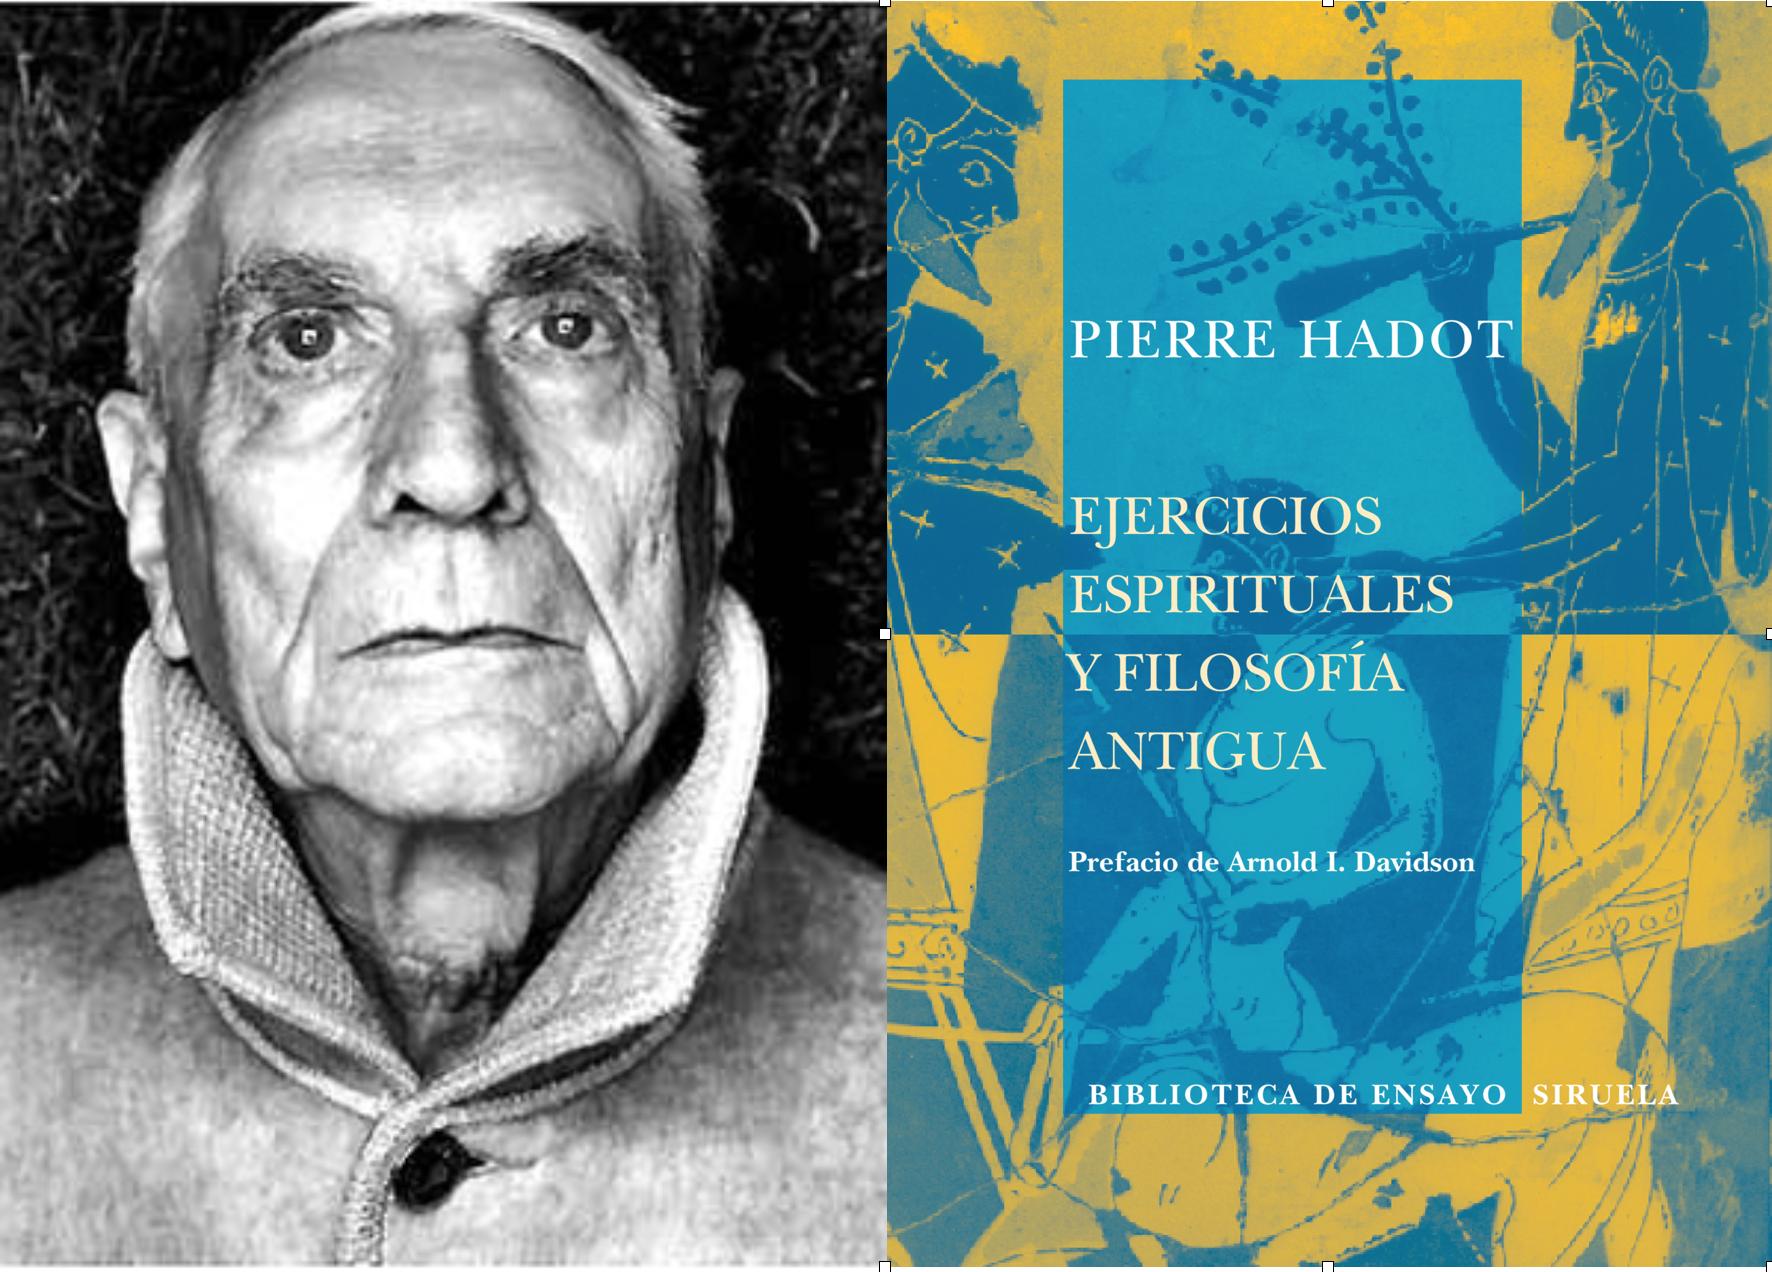 Pierre Hadot desarrolla las prácticas espirituales, el fenómeno de la conversión, la metanoia y el ascetismo...concepto que se han transplantado a ideologías políticas.